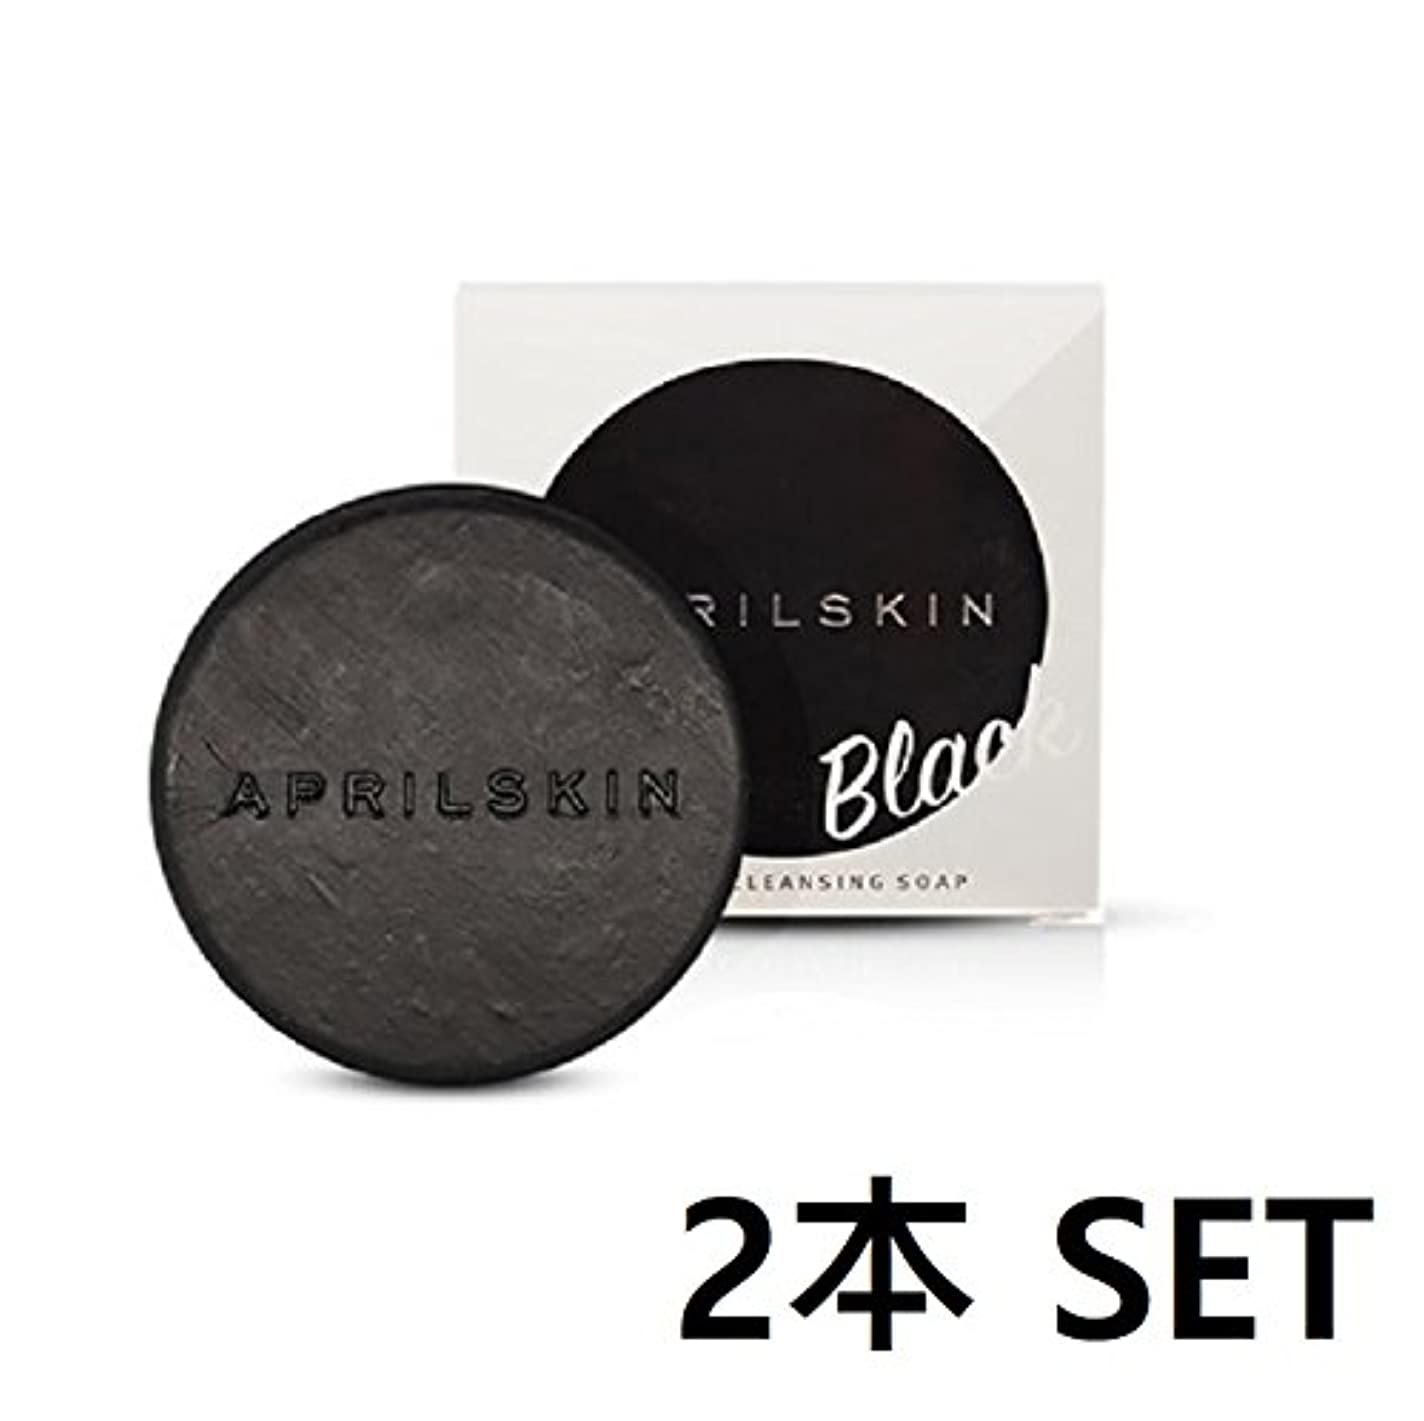 投票突進抑圧者[APRILSKIN] エイプリルスキン国民石鹸 BLACK X 2pcs SET(APRIL SKIN magic stone マジックストーンのリニューアルバージョン新発売) (BLACK) [並行輸入品]